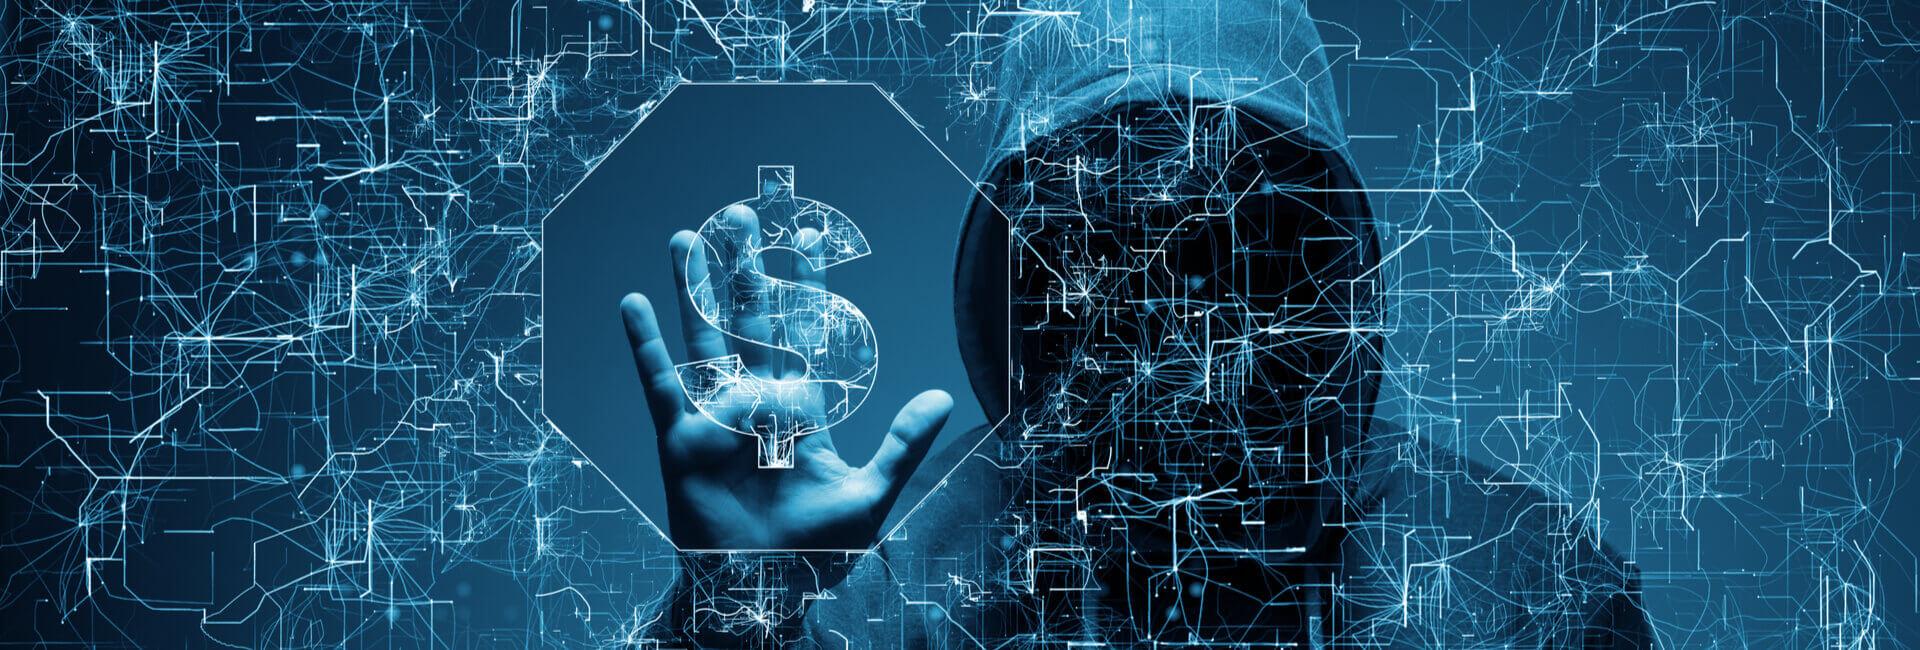 Cybercrime nel settore finanziario in Europa: i dati di scenario